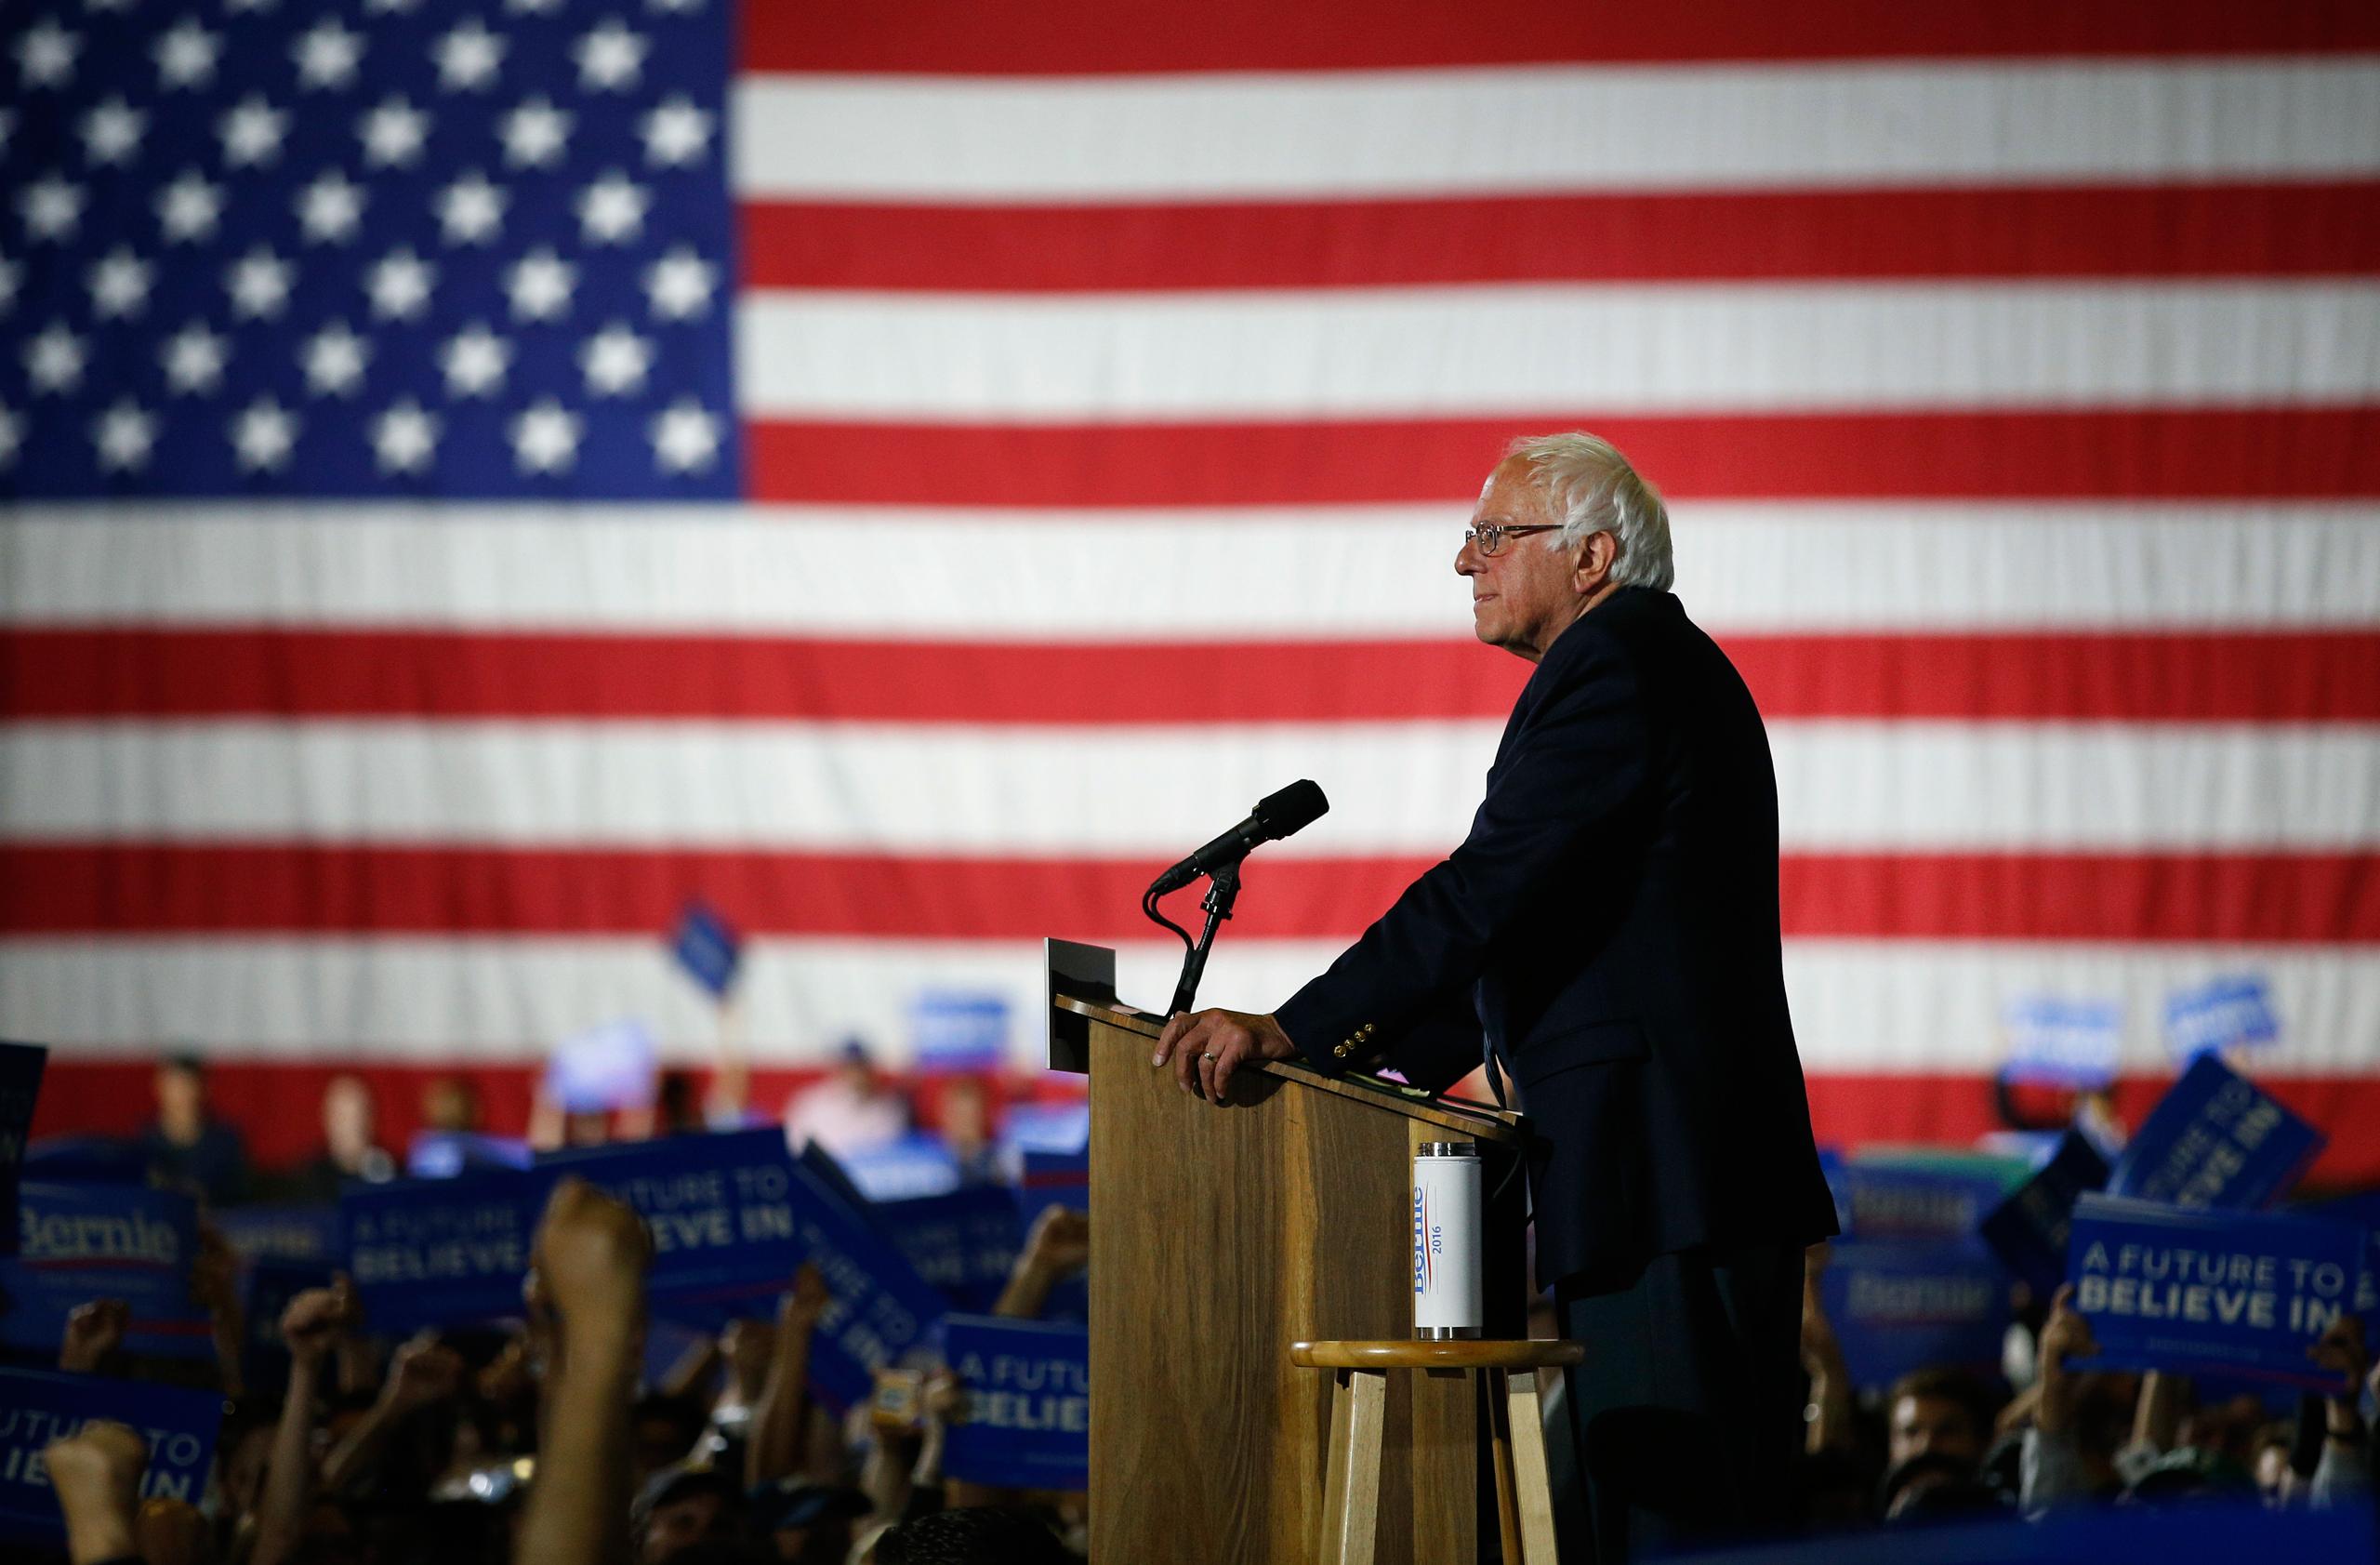 Democratic presidential candidate Sen. Bernie Sanders speaks at a rally in Santa Monica, Calif., on June 7, 2016.